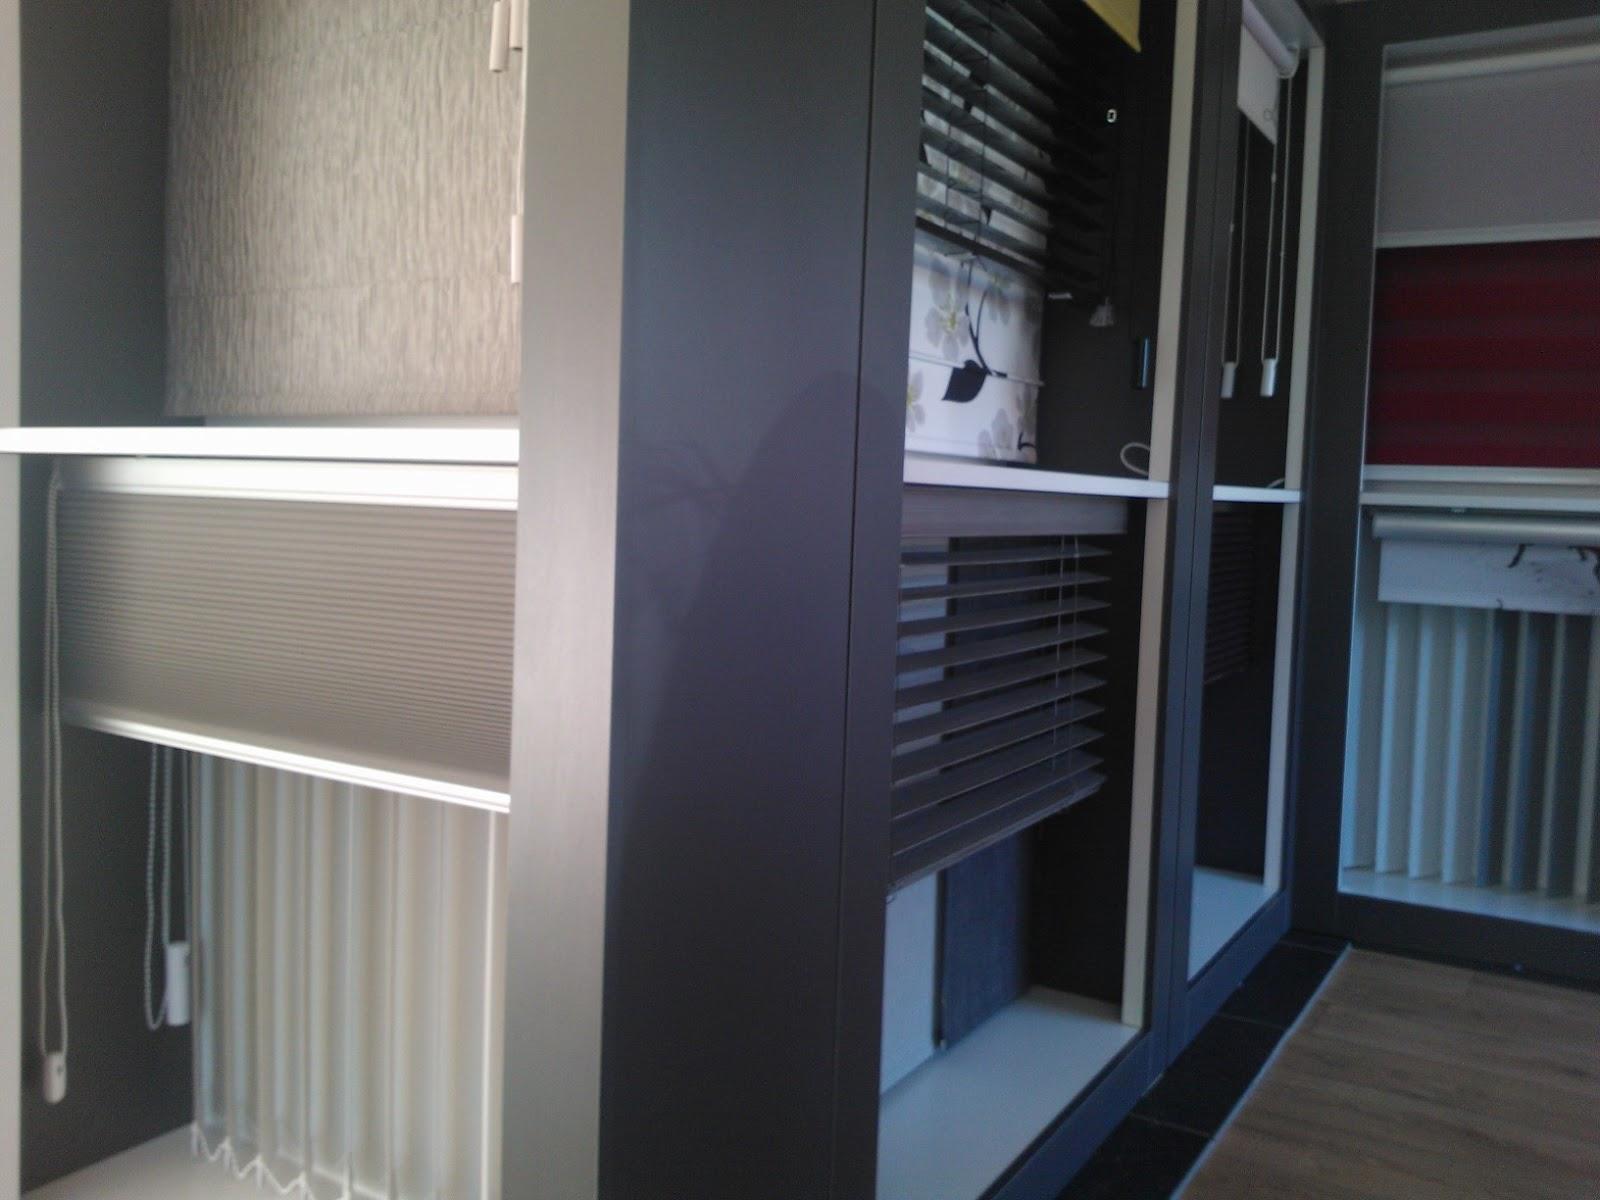 Coemans decoratie ramen en zonwering nieuwe showroom - Gordijnen interieur decoratie ...